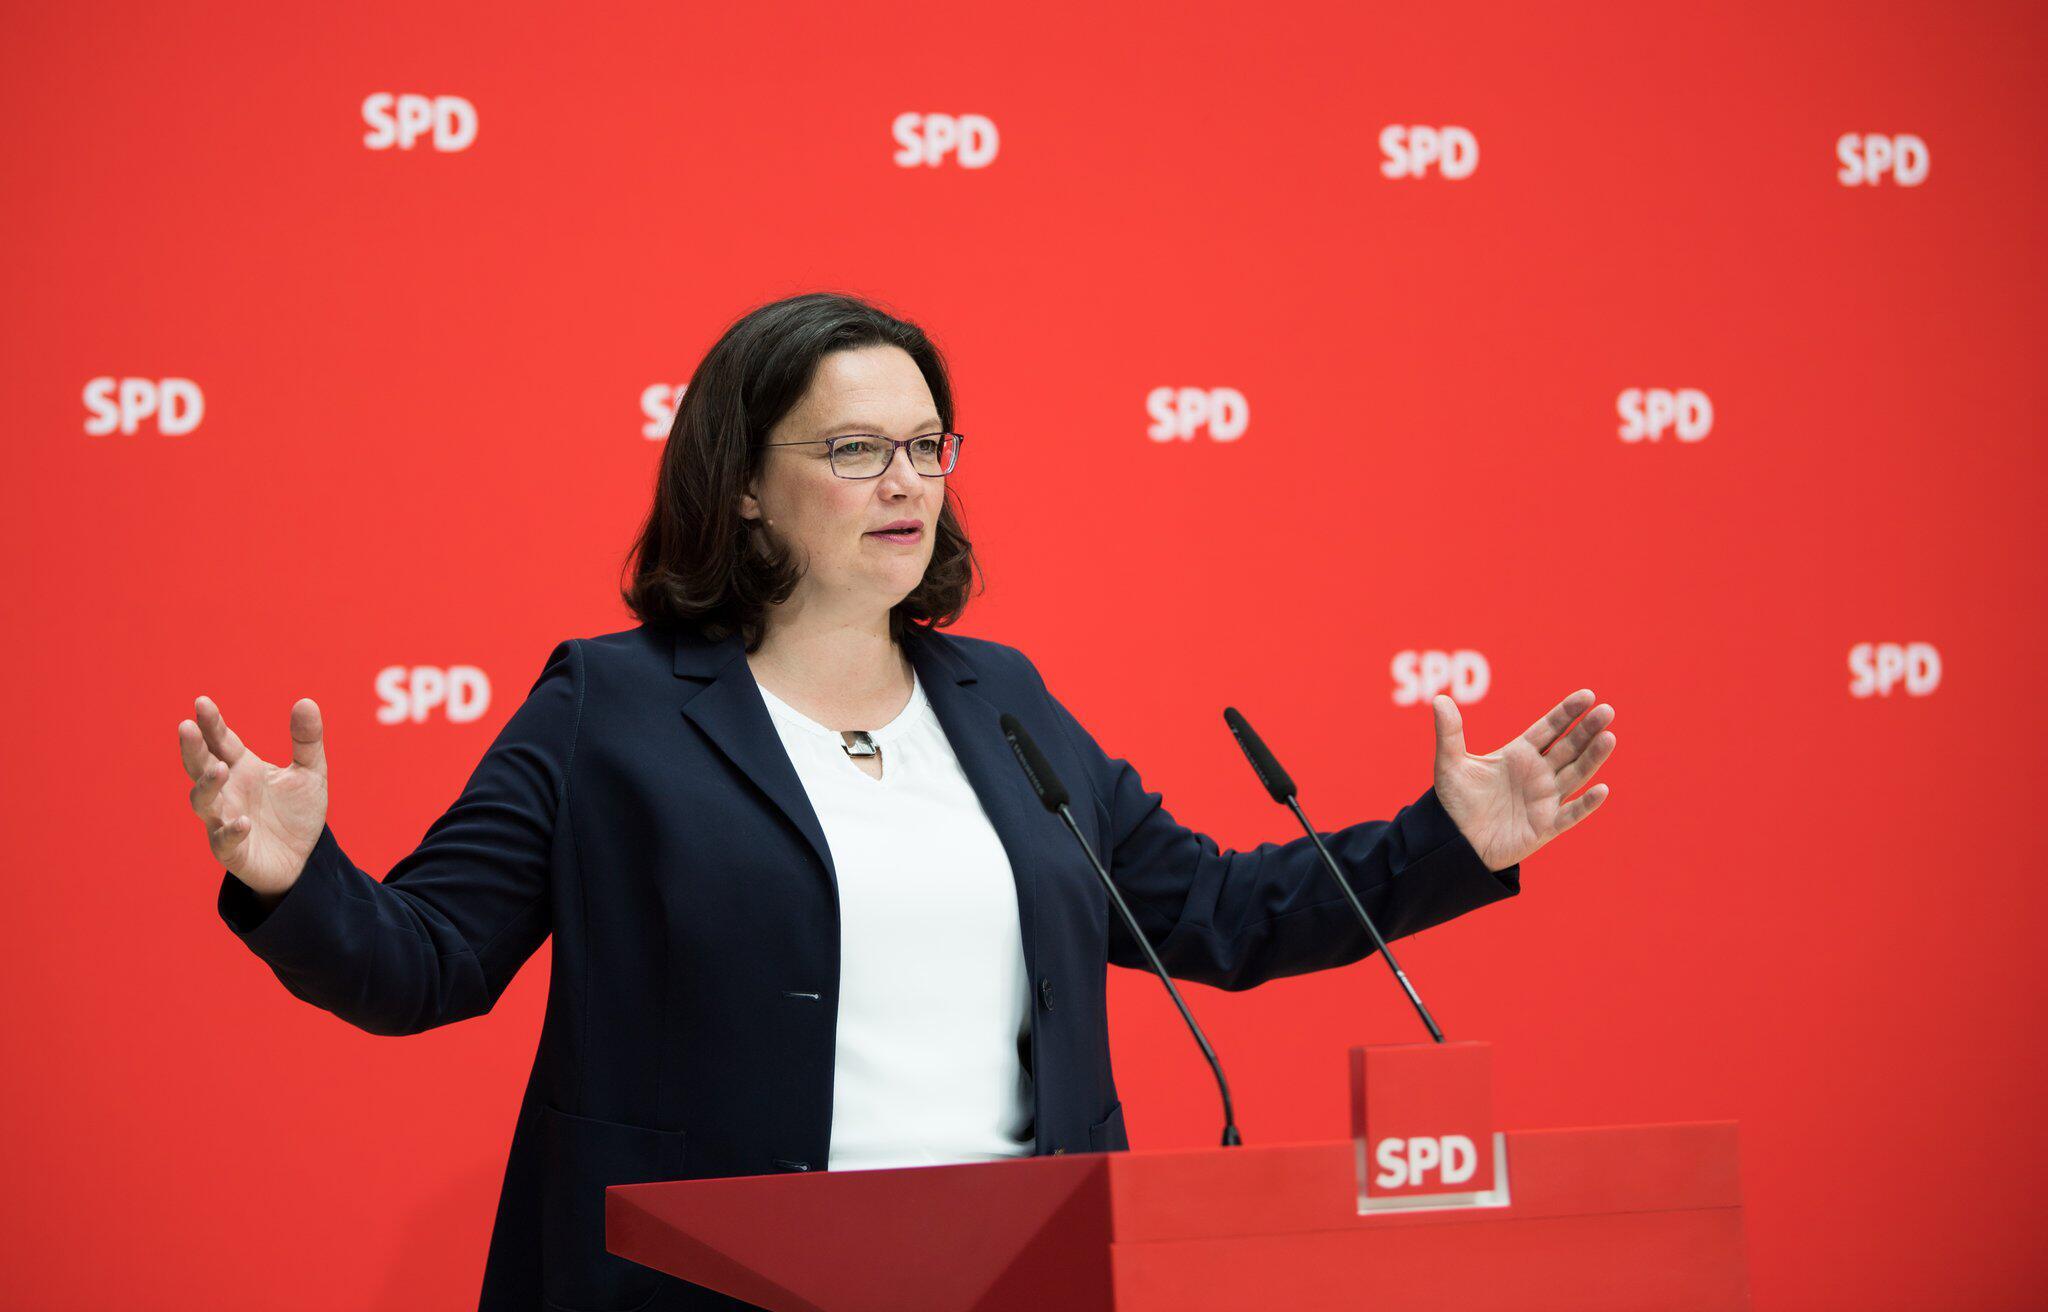 Bild zu SPD leader Andrea Nahles - press conference